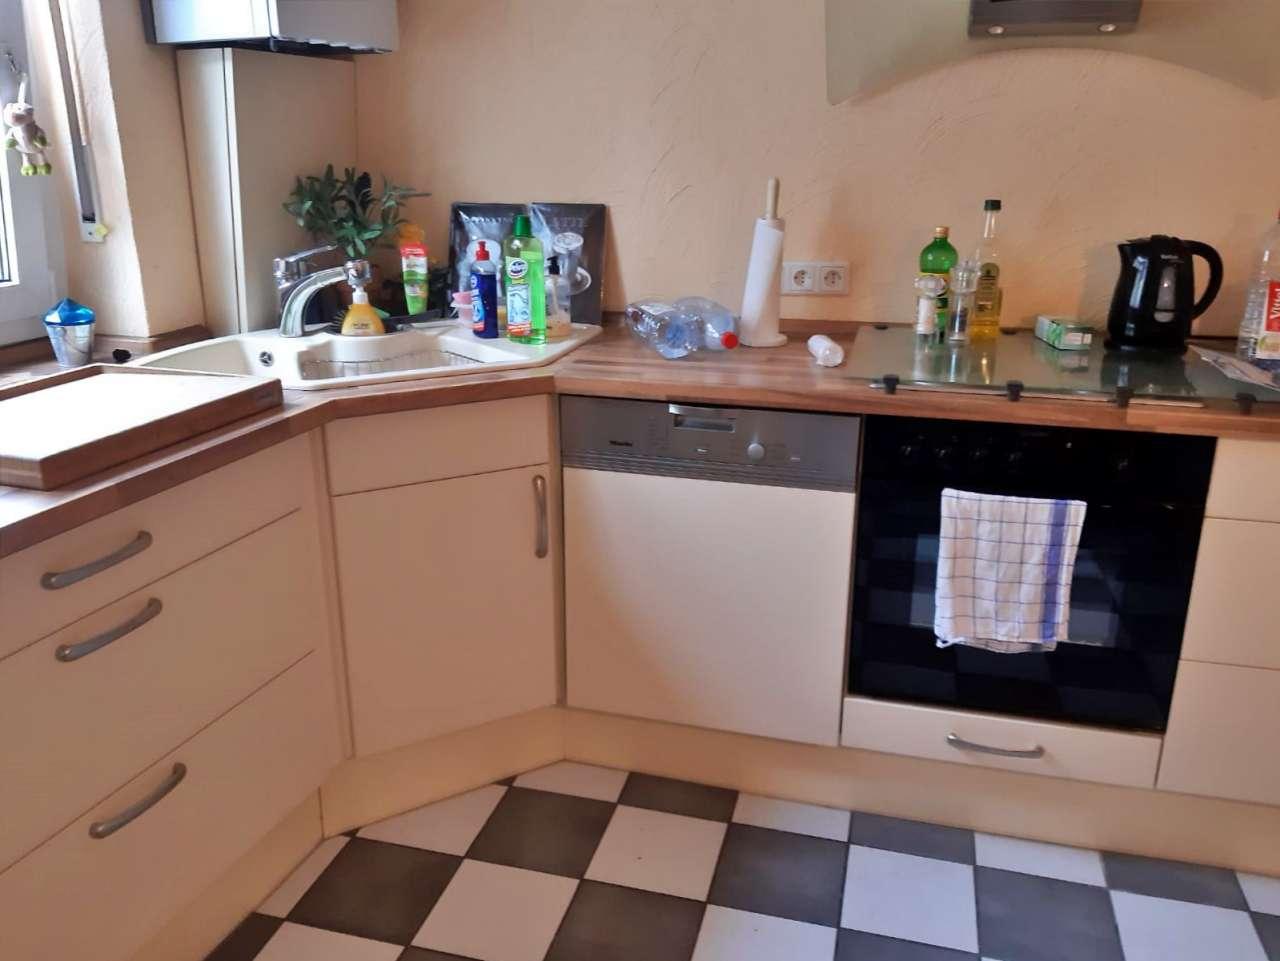 Einbauküche mit Elektrogeräten Einbauküche mit Elektrogeräten weiss